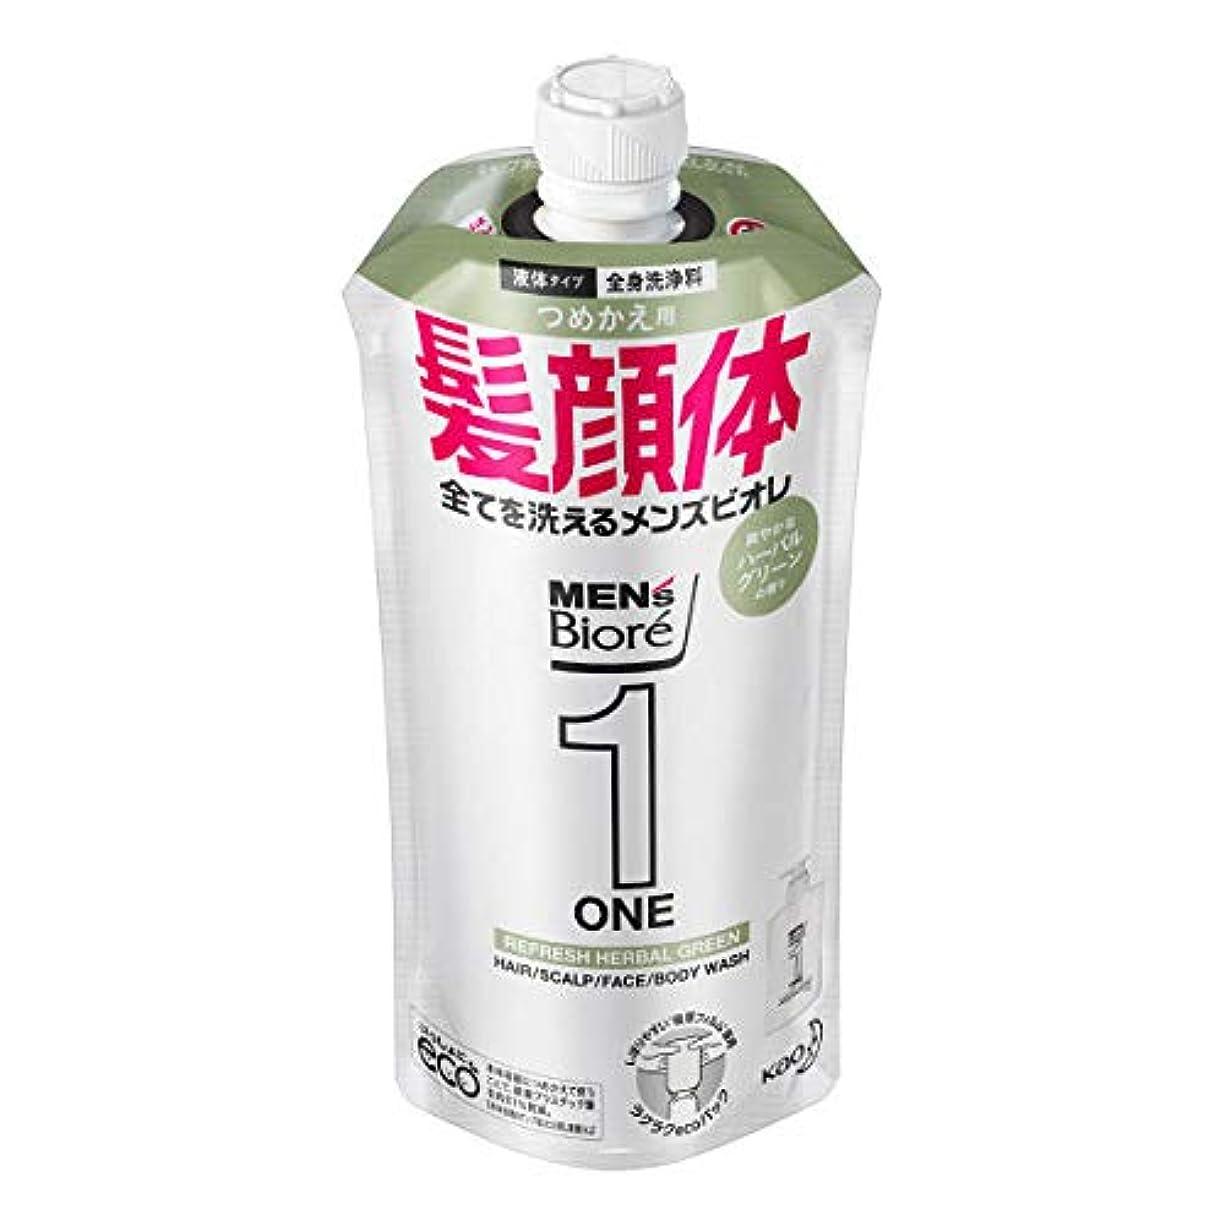 重くする傾いたピンチメンズビオレONE オールインワン全身洗浄料 爽やかなハーブルグリーンの香り つめかえ用 340mL